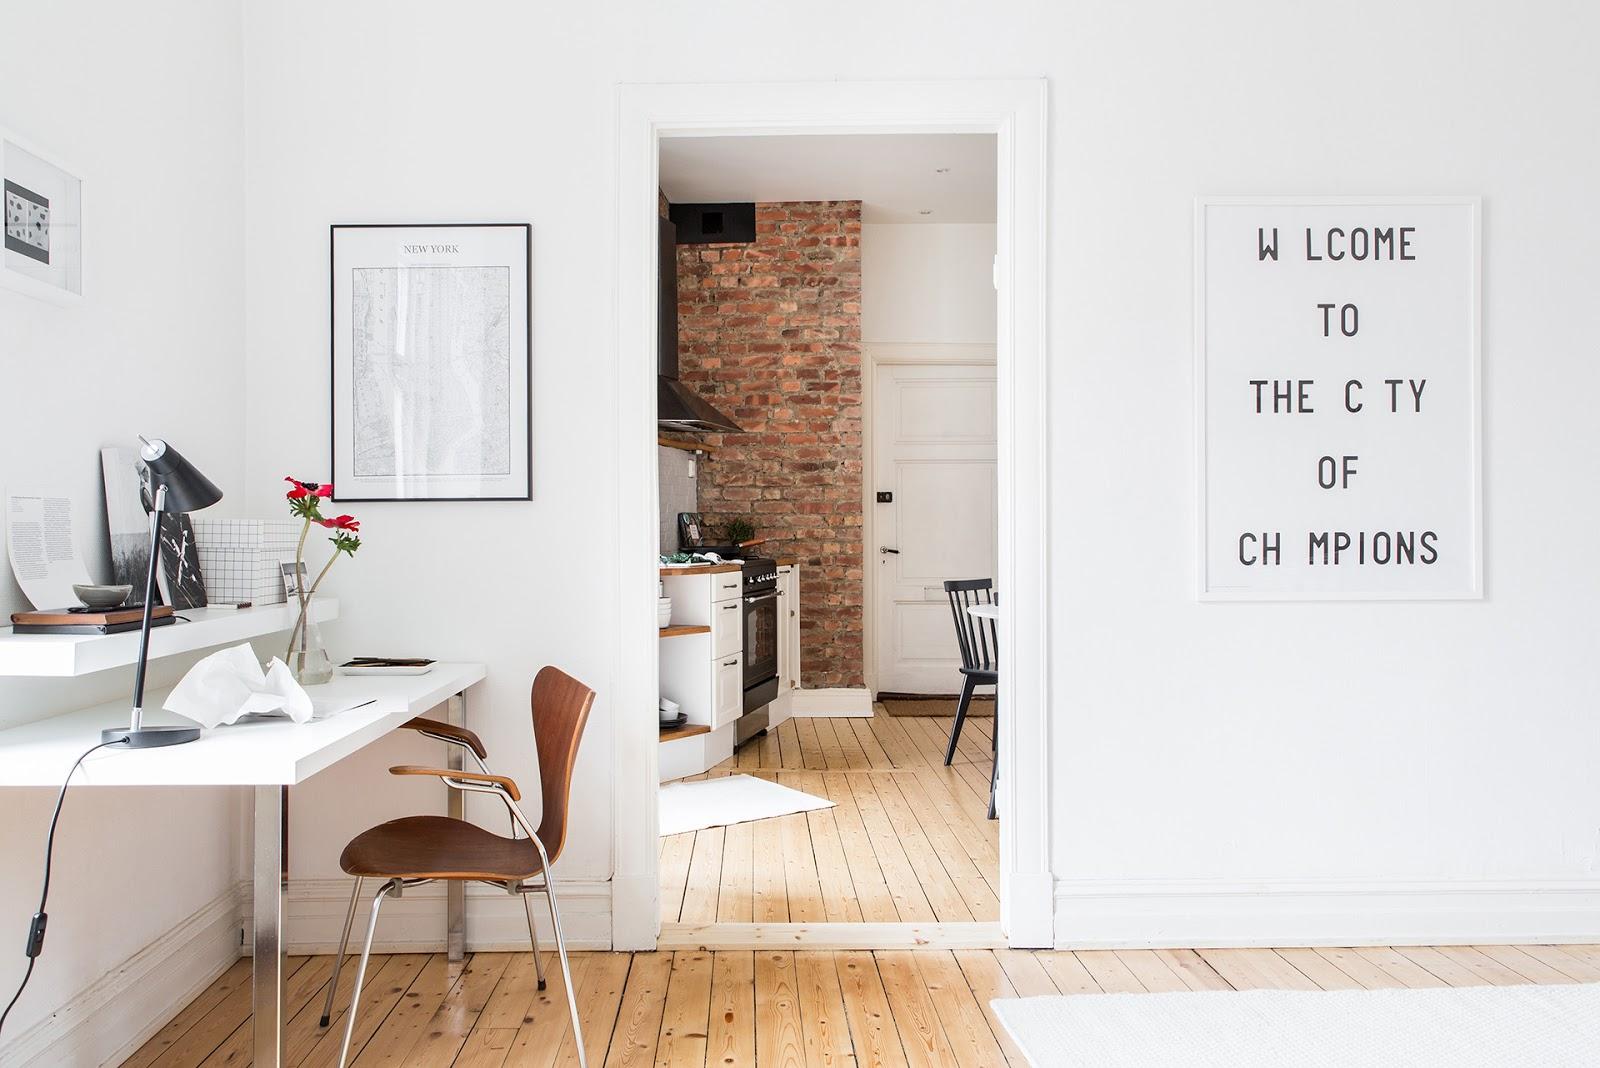 escritorio, estilo nordico, zona de trabajo en casa, silla, escritorio blanco, como decorar, decoracion nordica, estilo nordico